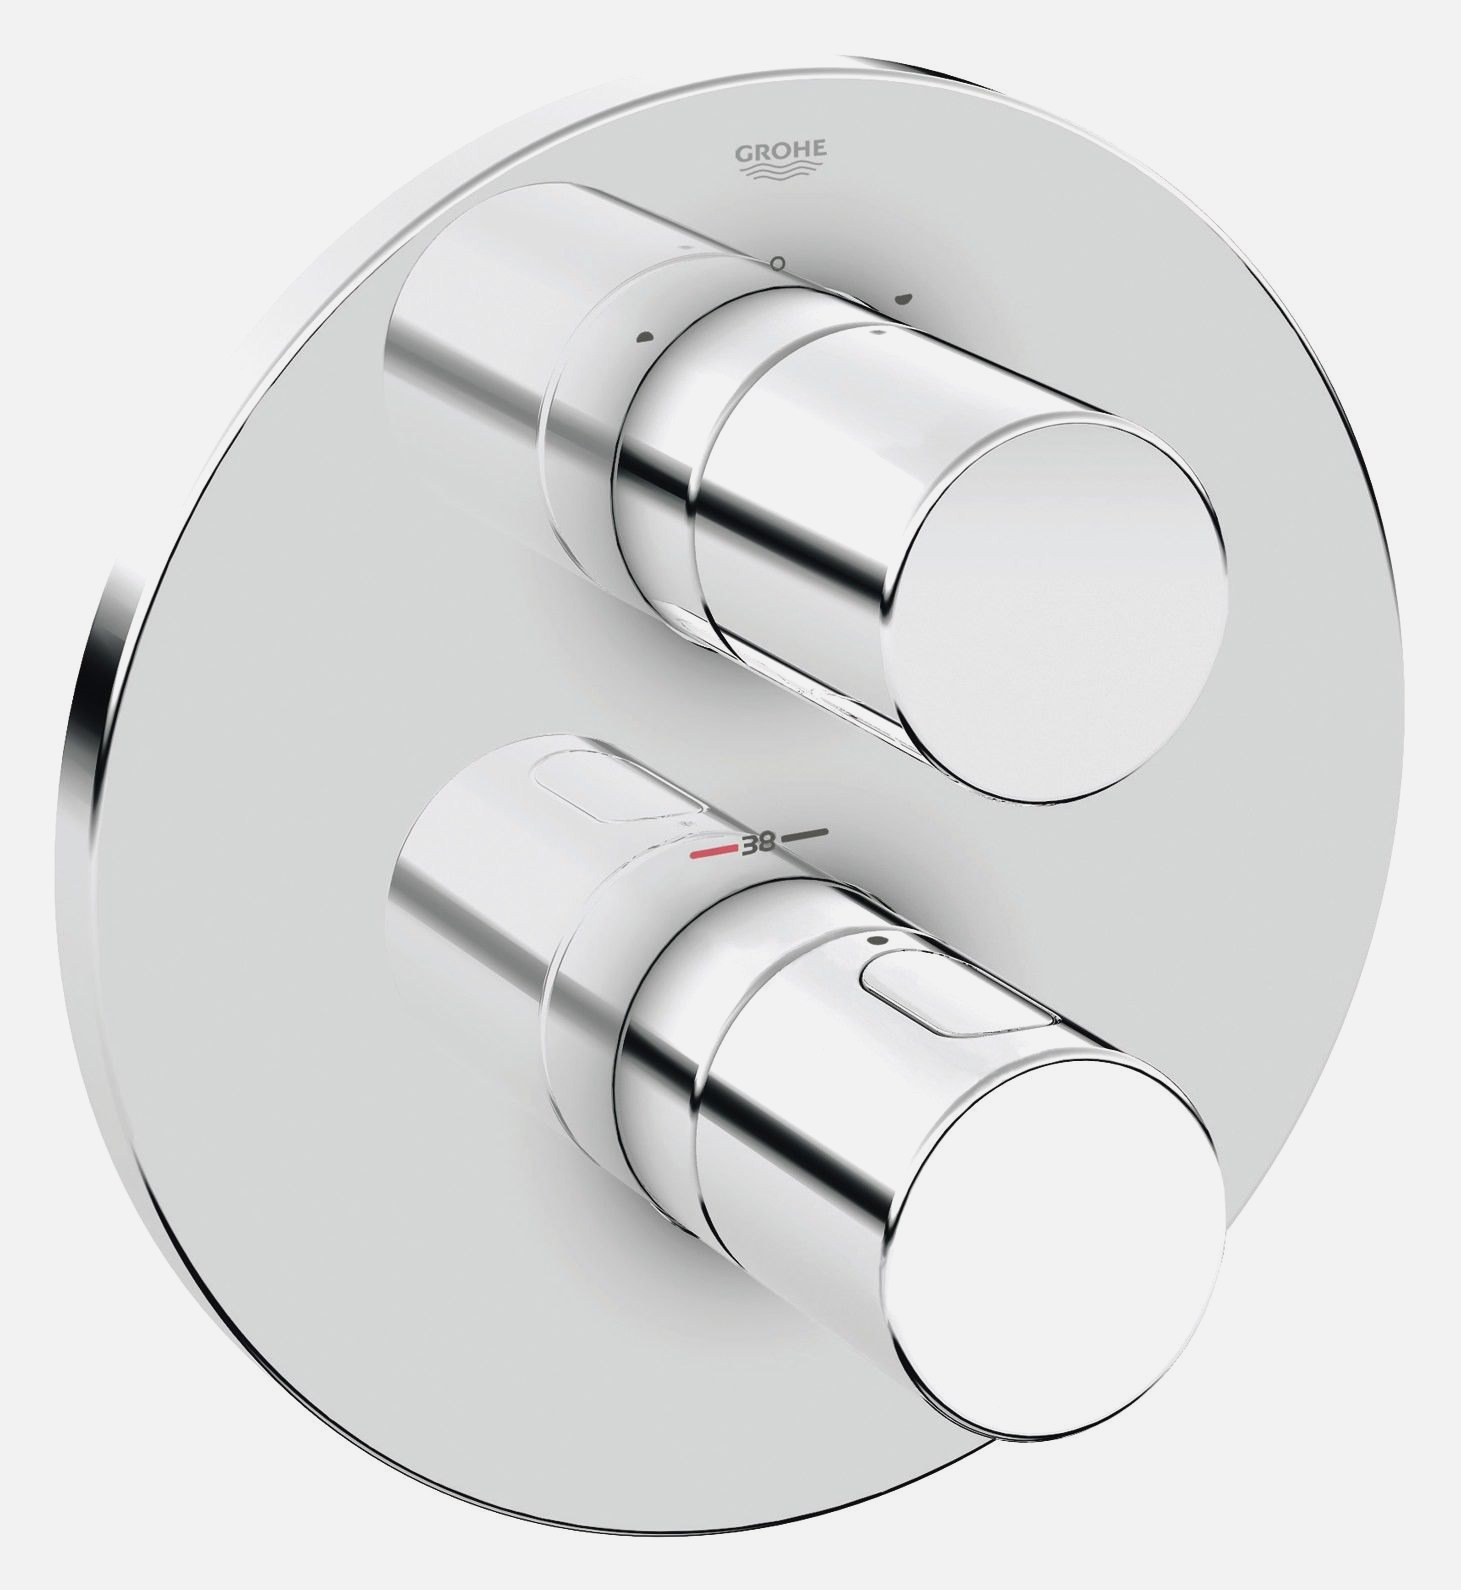 Full Size of Grohe Thermostat Dusche 90x90 Nischentür Glastrennwand Ebenerdige Kosten Anal Komplett Set Einbauen 80x80 Mischbatterie Schulte Duschen Hüppe Bluetooth Dusche Grohe Thermostat Dusche